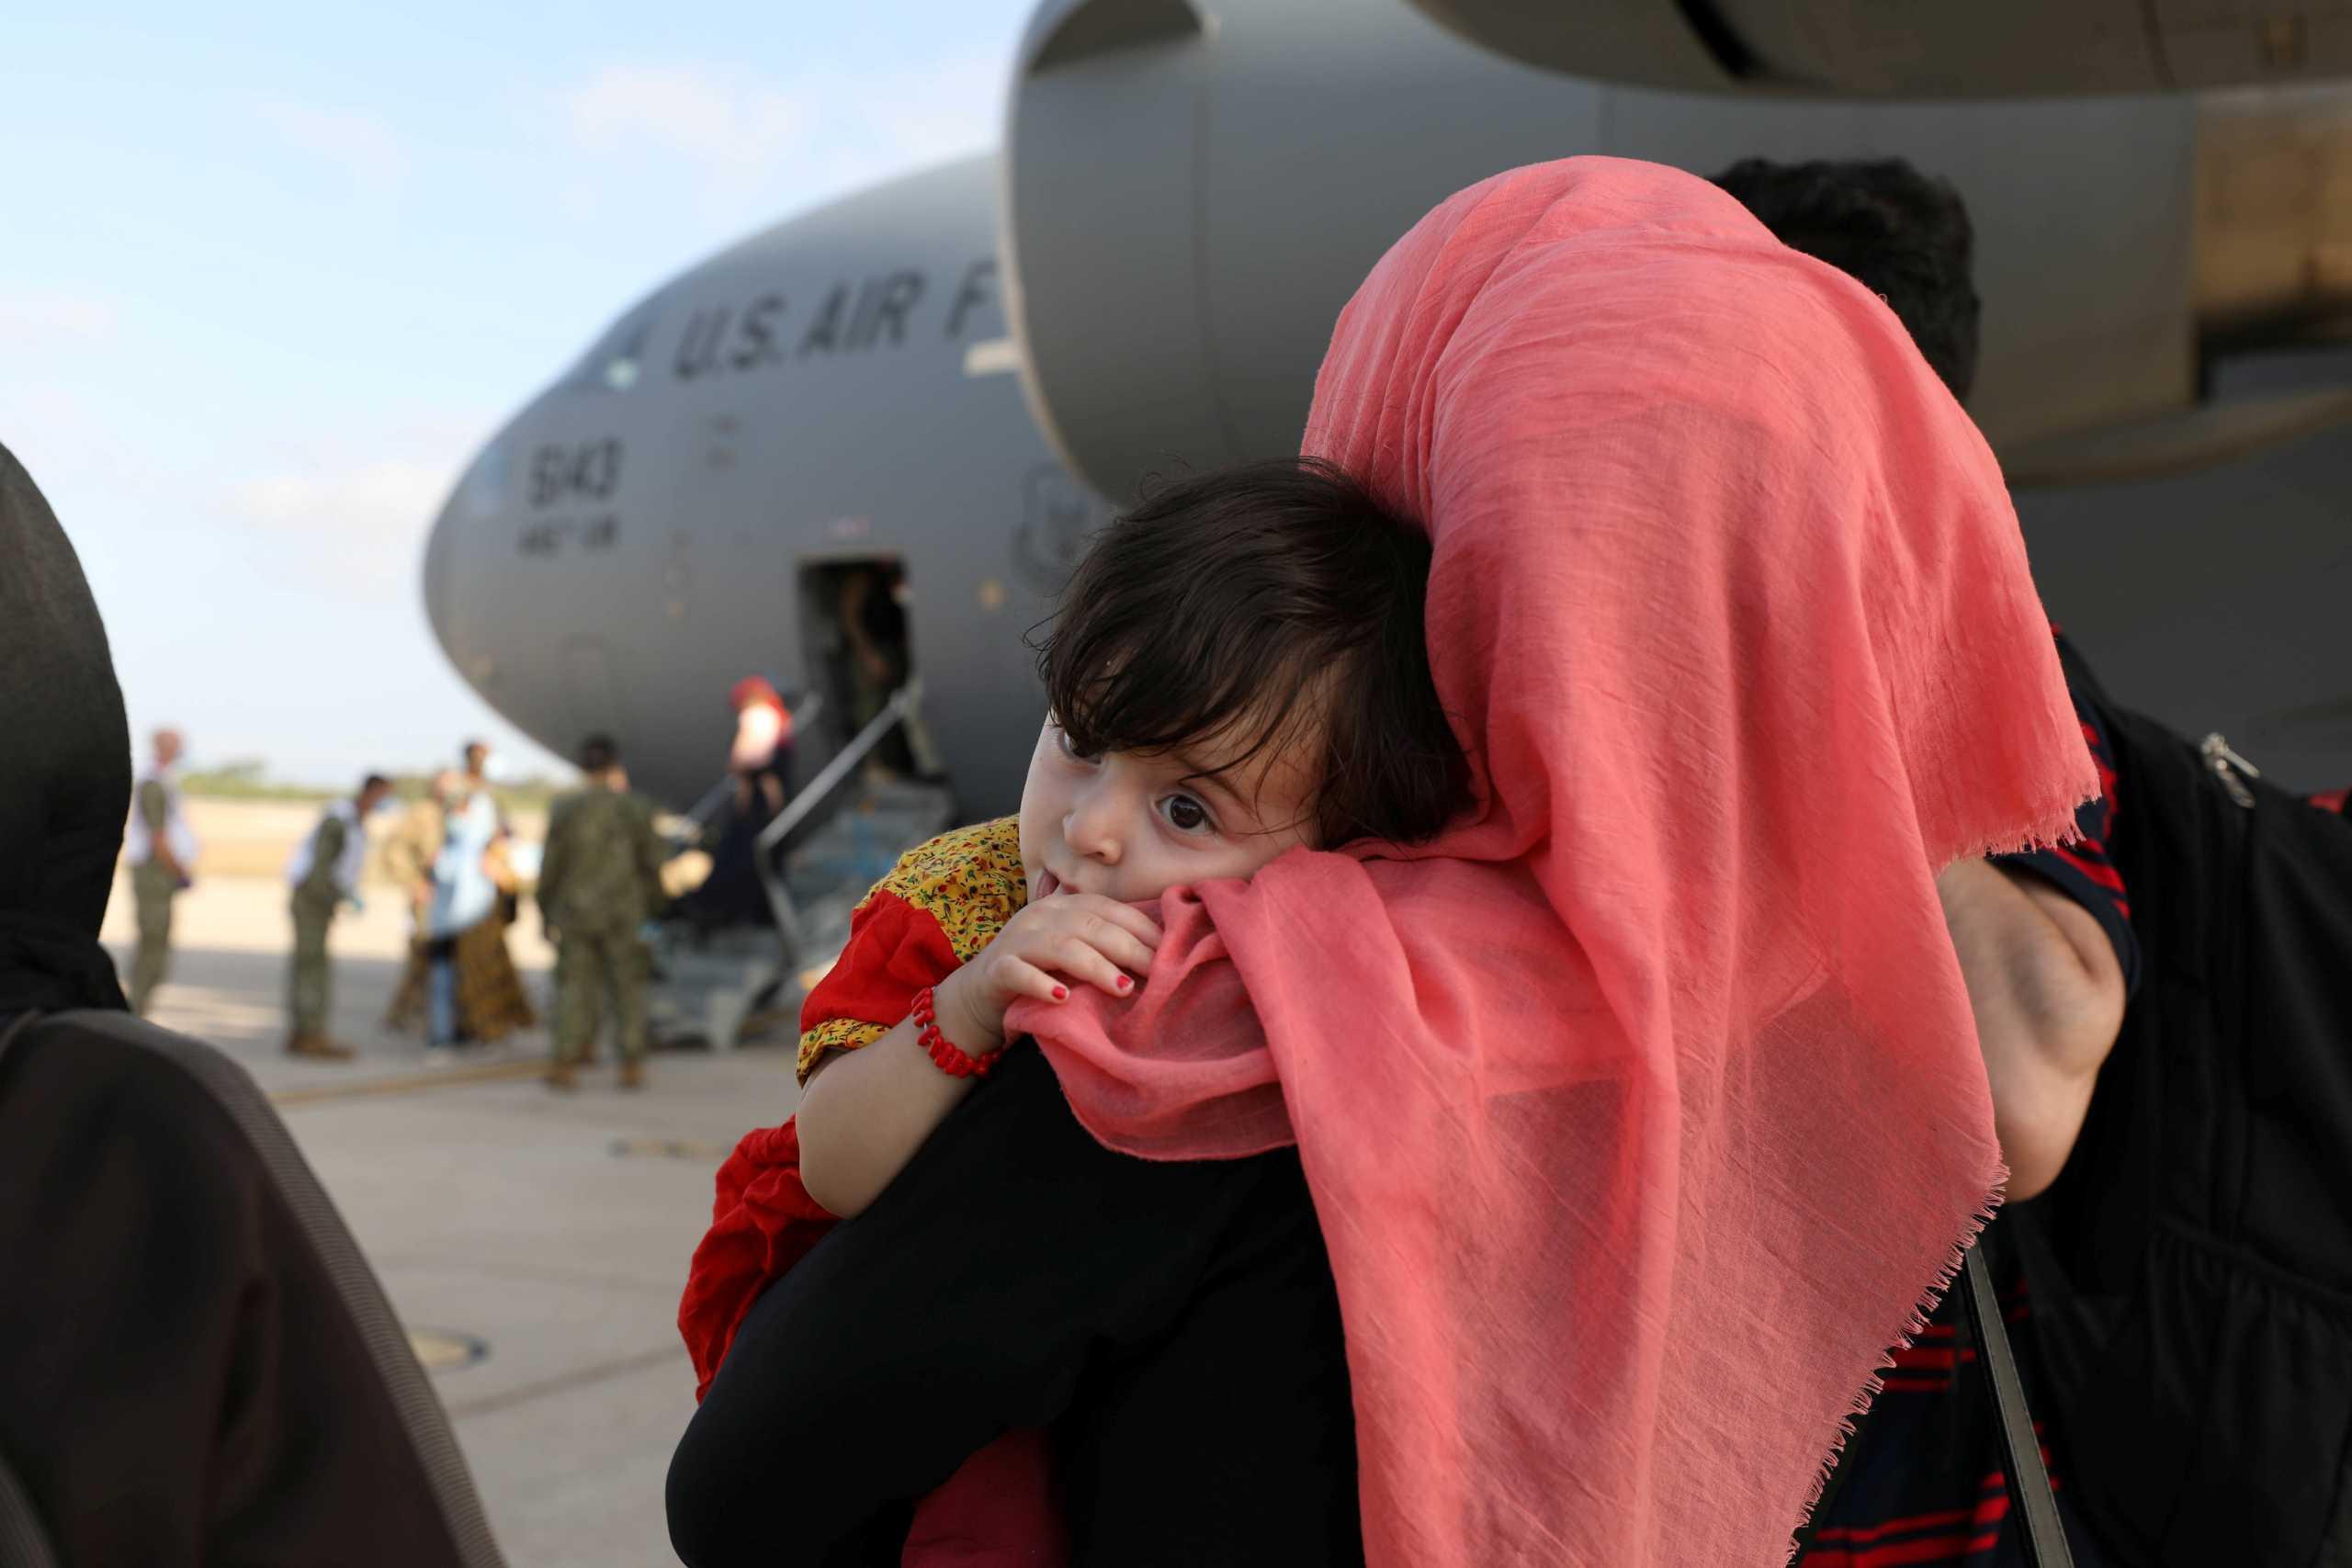 ΗΠΑ – Πεντάγωνο: Οι απειλές εναντίον του αεροδρομίου της Καμπούλ είναι «πραγματικές και συγκεκριμένες»